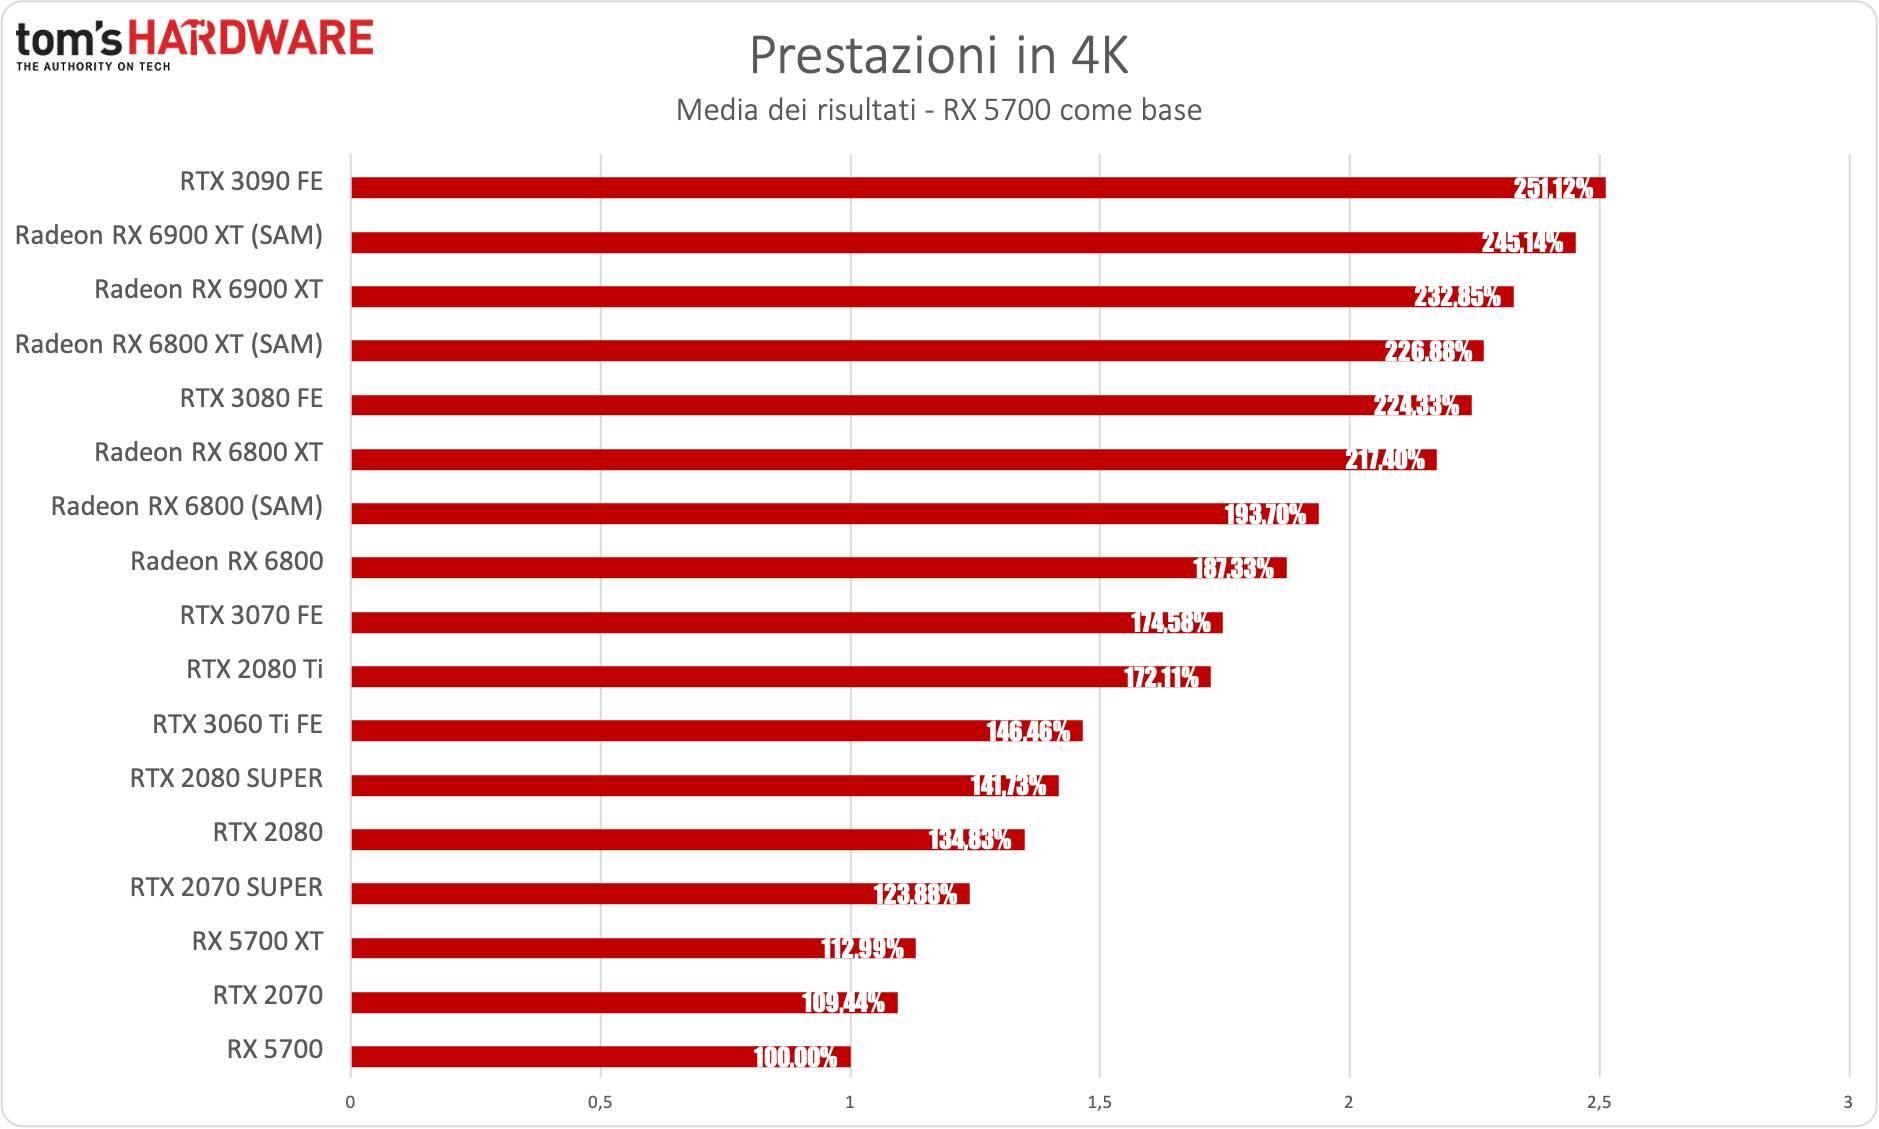 Benchmark Radeon RX 6900 XT - 4K - diff. % RX 5700